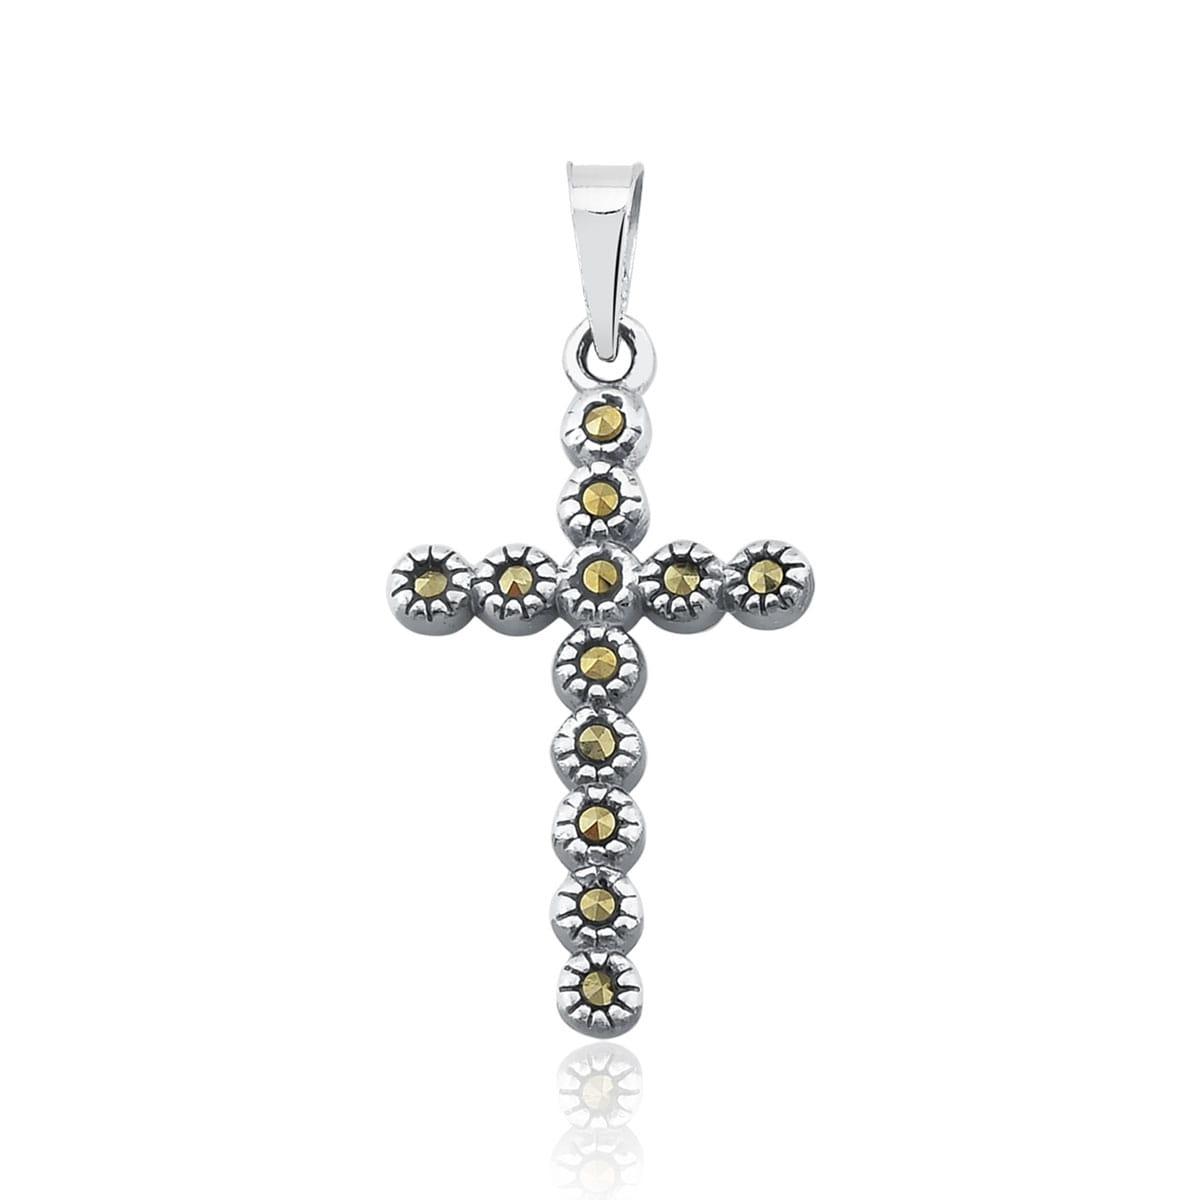 Pingente de Cruz com Pedras Marcassitas em Prata 925 Envelhecida Crucifixo